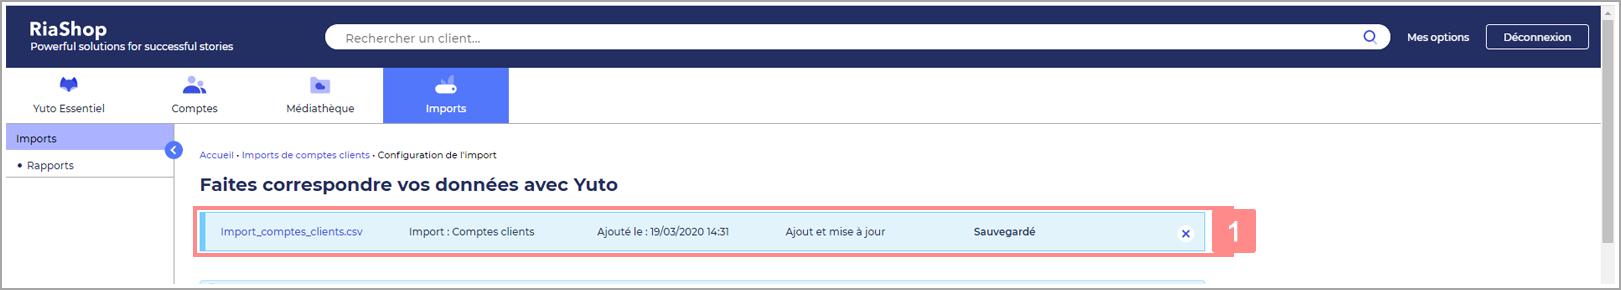 Page de configuration de l'import RiaShop - Détails de l'import en cours